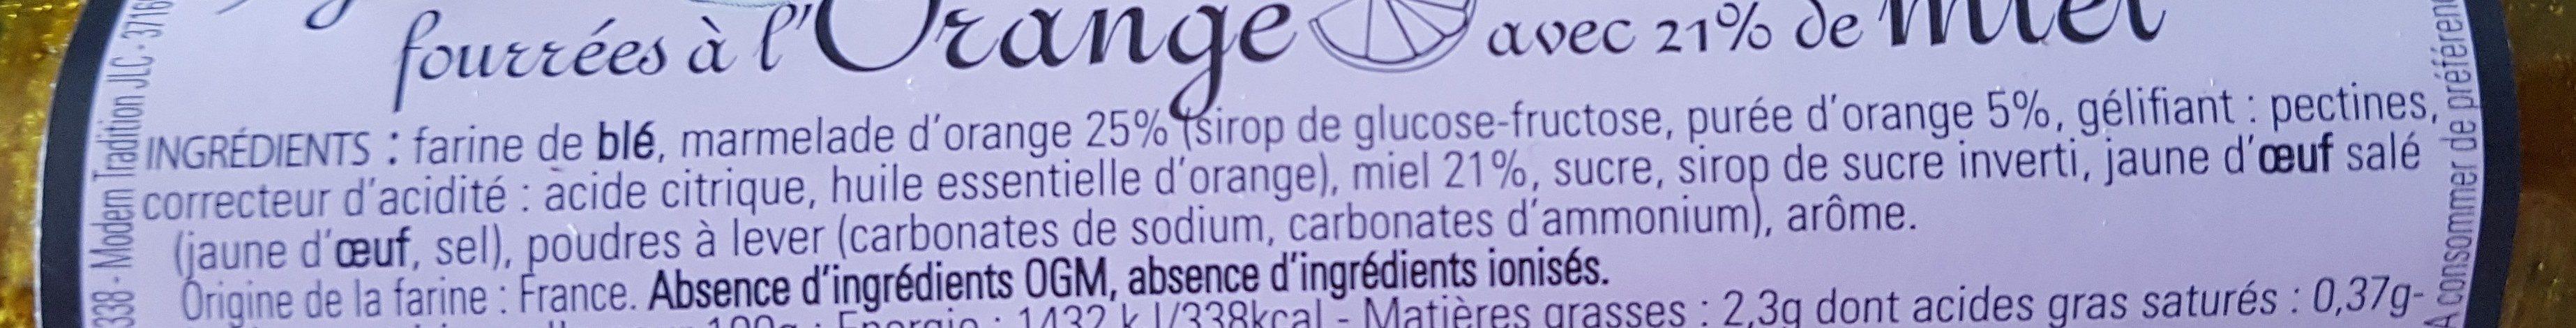 Nonnettes Fourrées à l'Orange - Ingrédients - fr